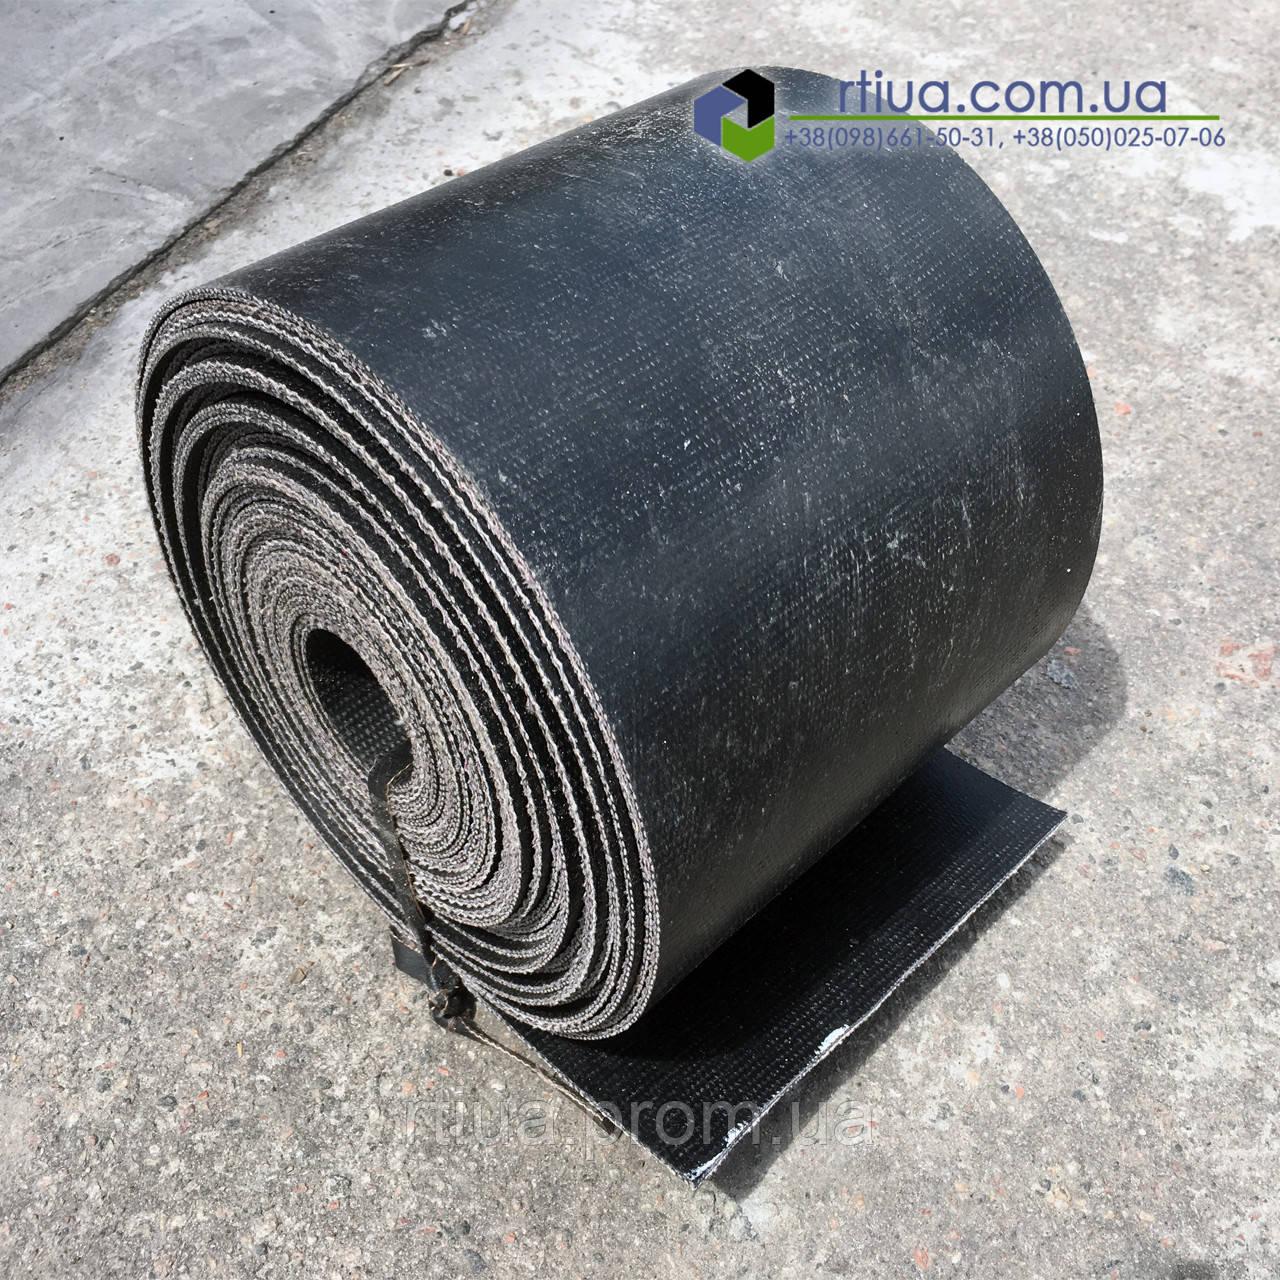 Транспортерная лента БКНЛ, 500х4 мм